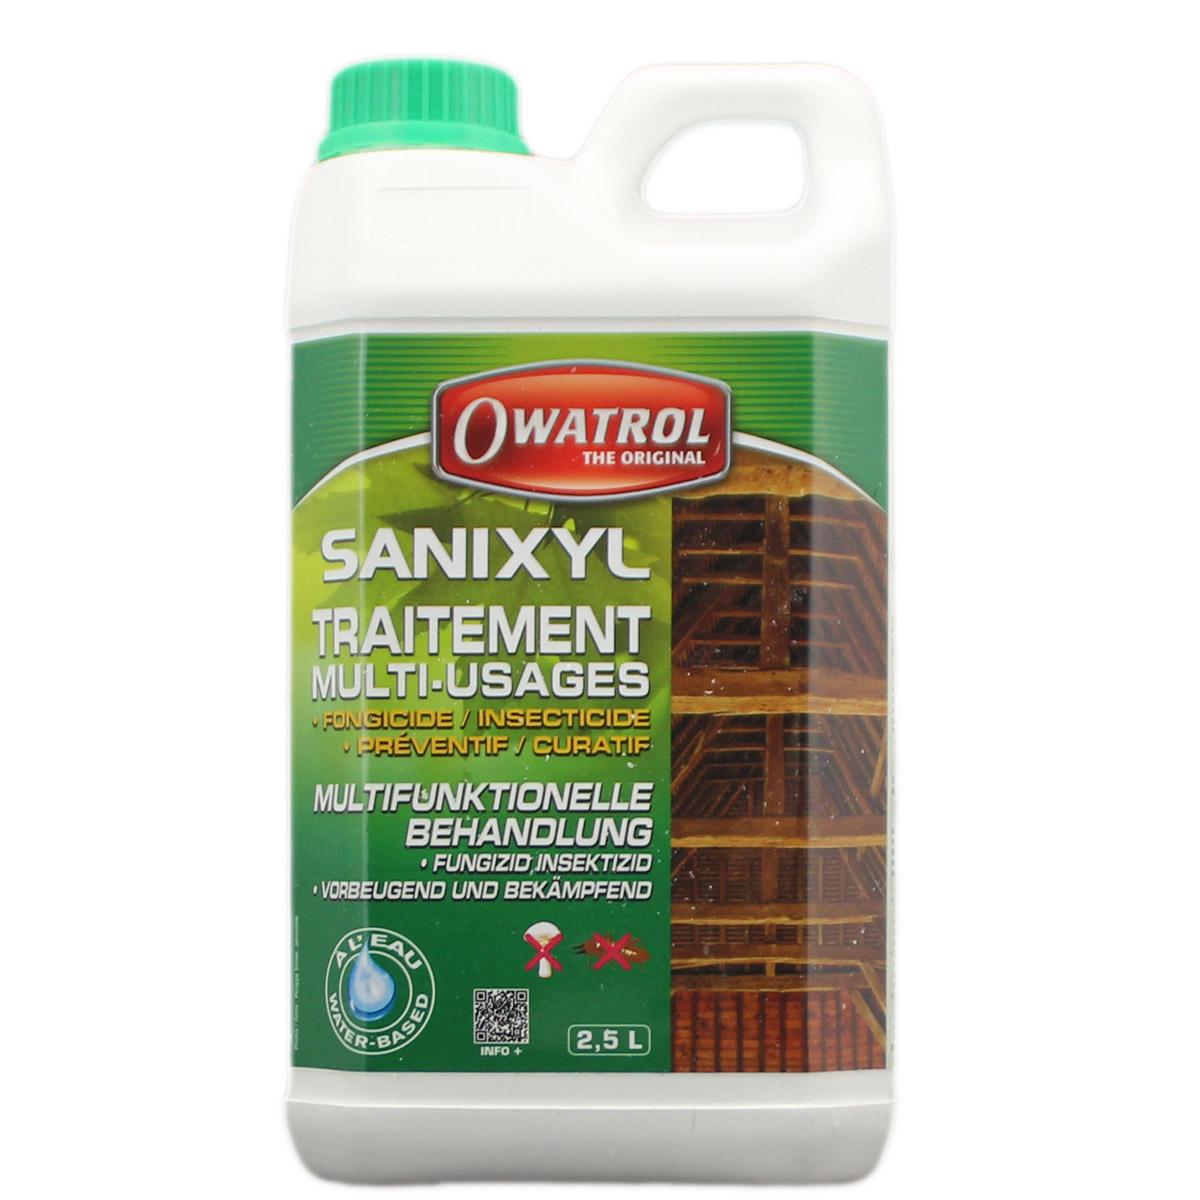 Owatrol Sanixyl 2,5L, Fungizid, Insektizid, Holzwurmtod, Bläueschutz